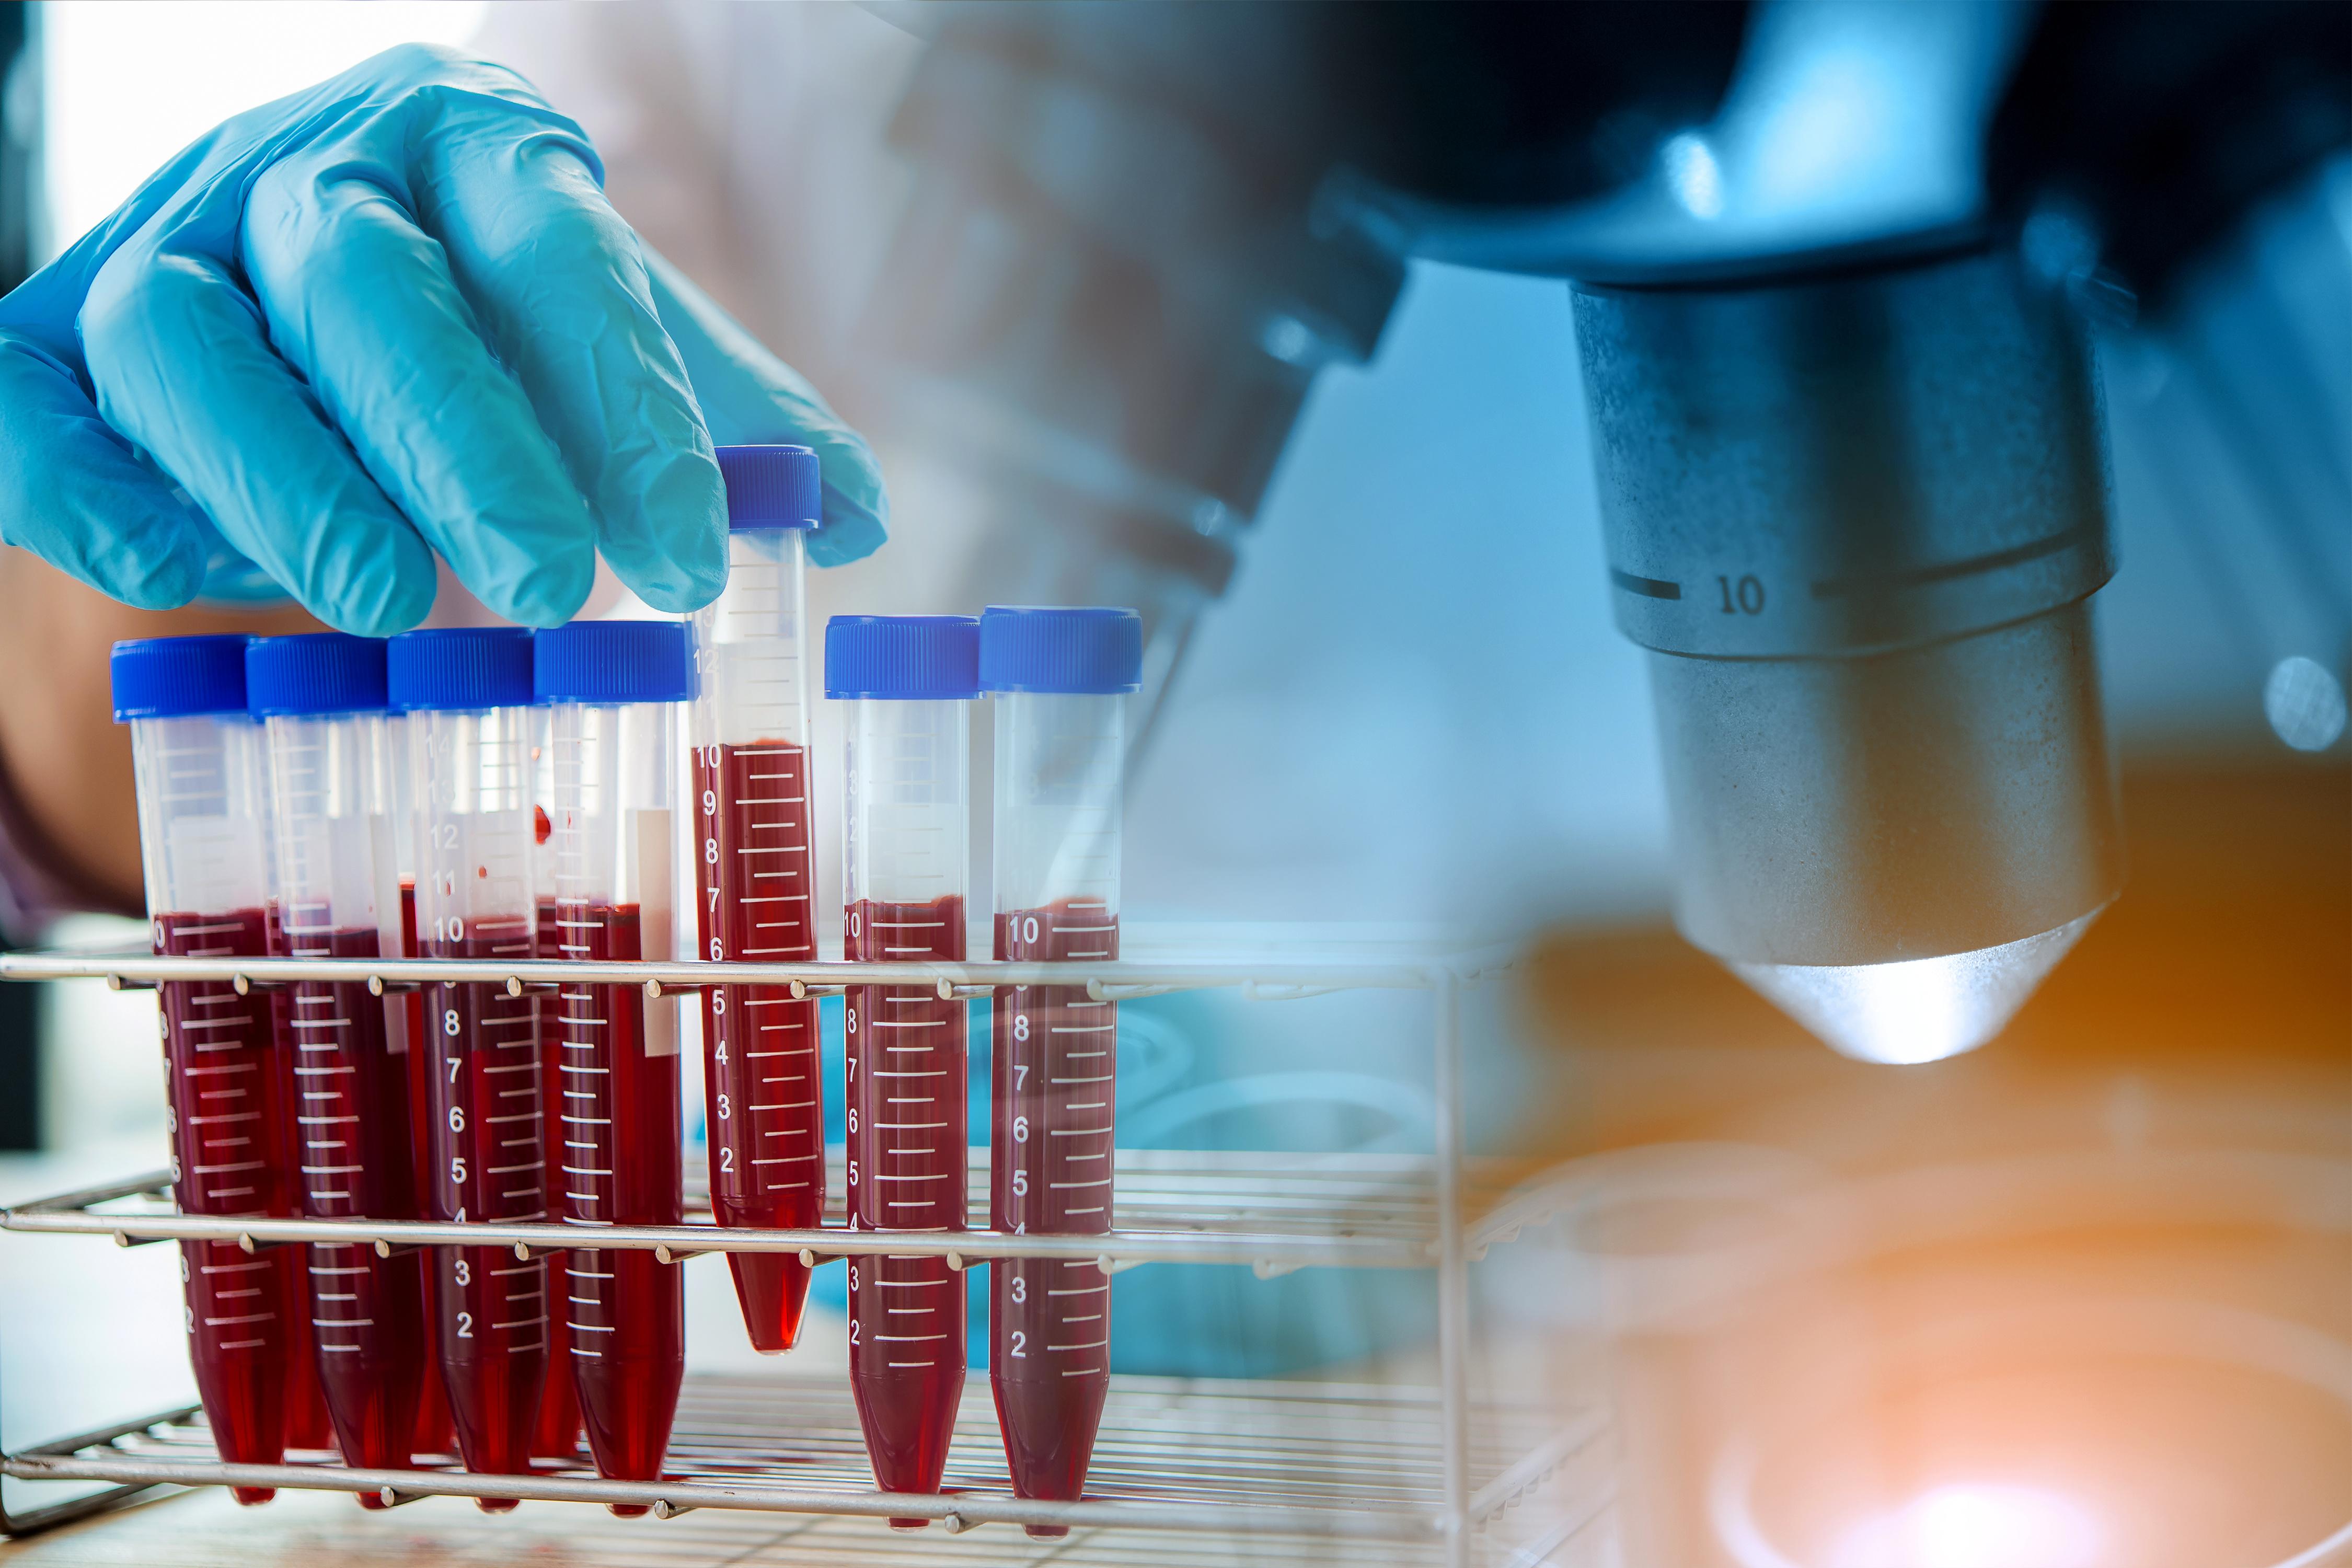 Découverte de nouveaux liens entre les groupes sanguins et les risques de maladie (Visuel Adobe Stock 283646387)